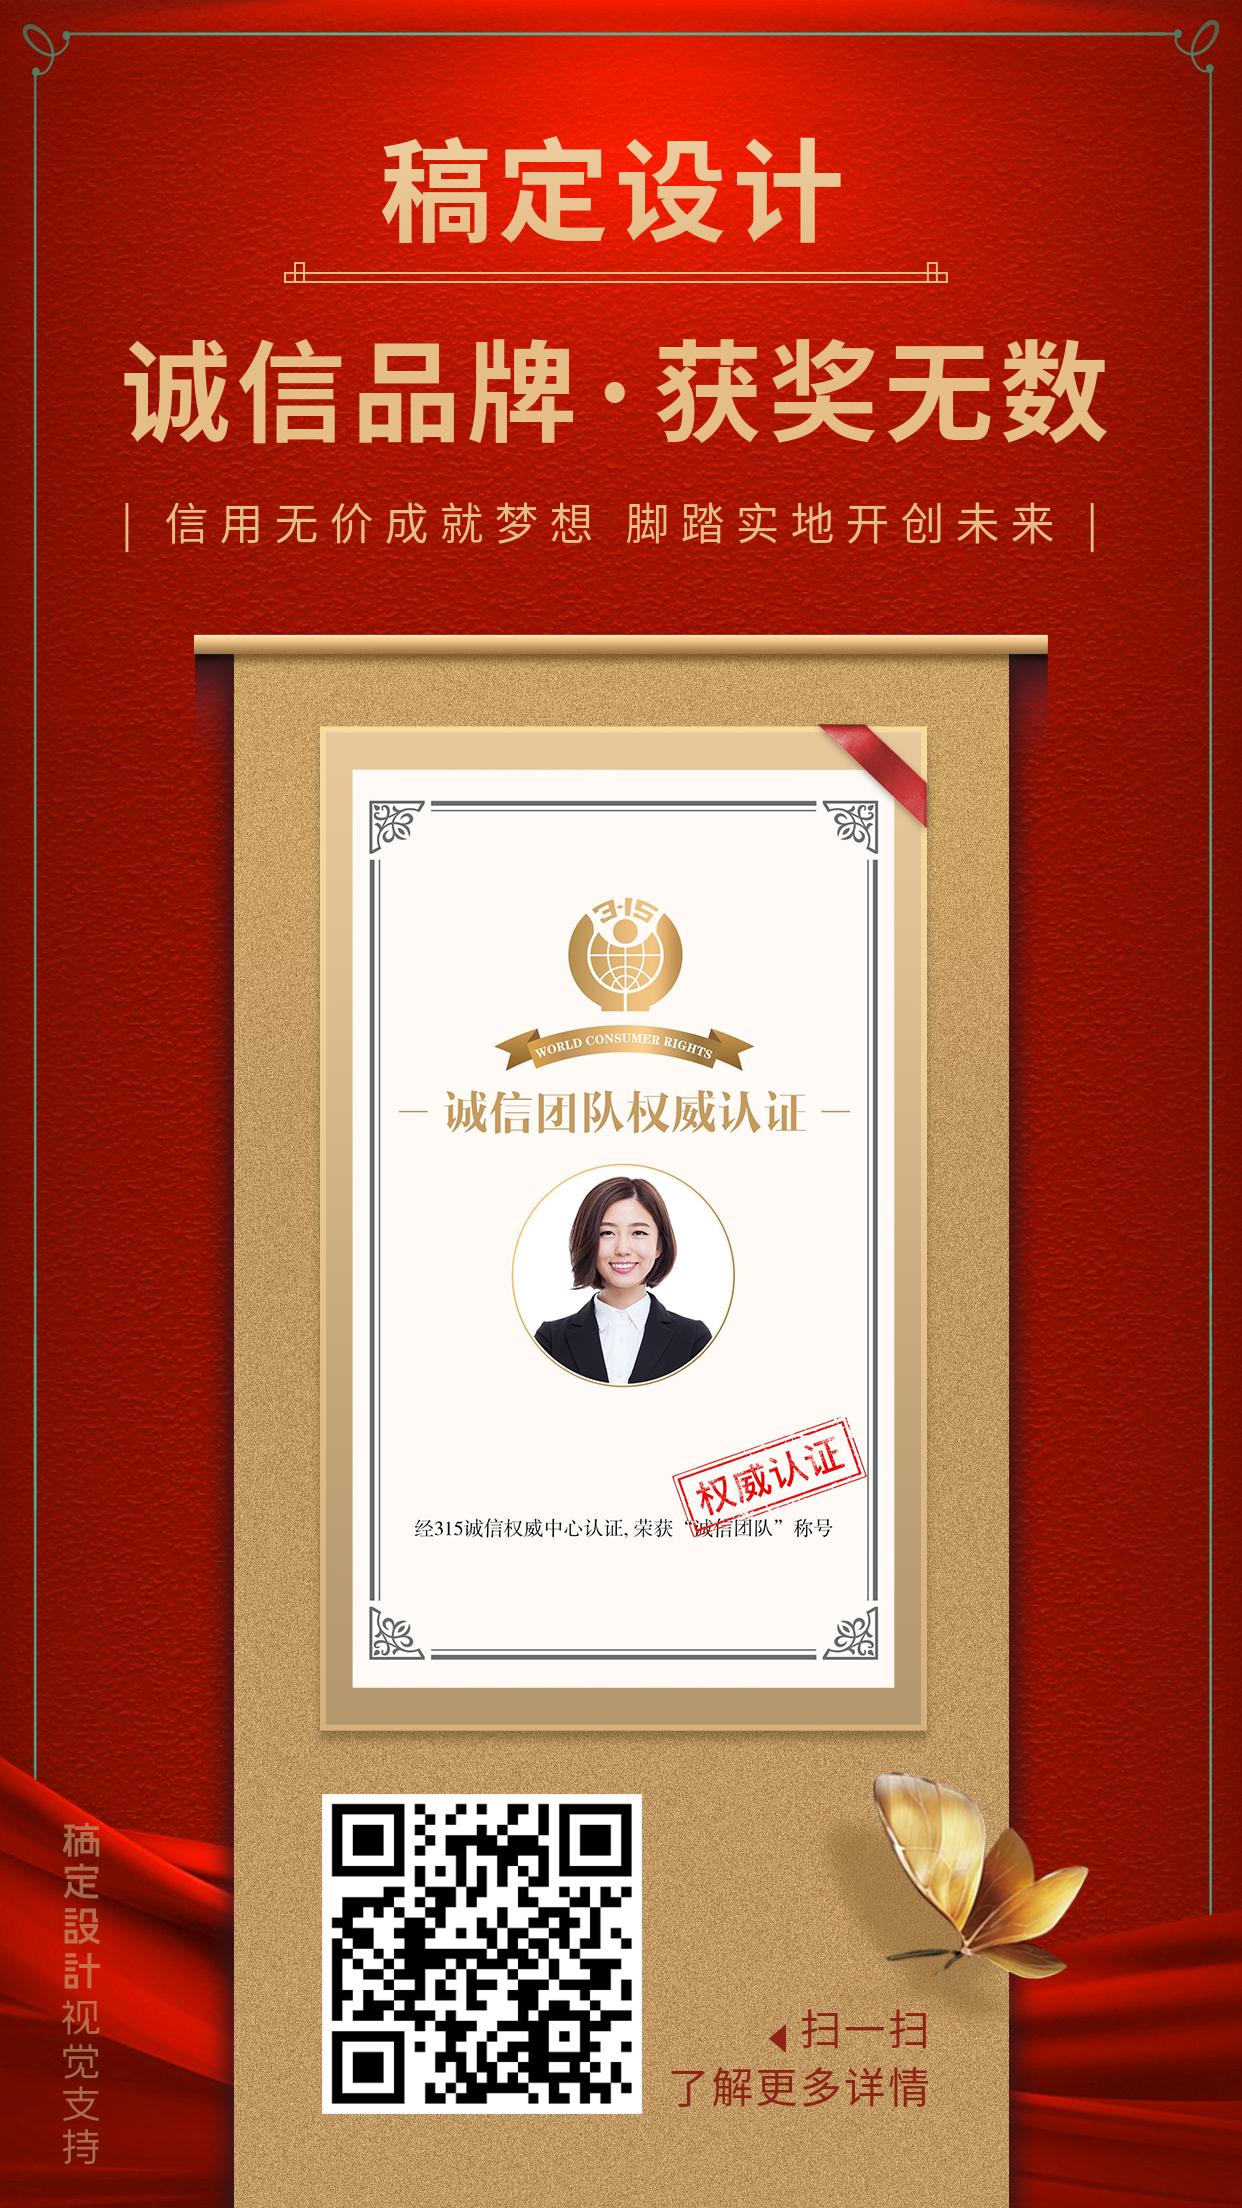 品牌获奖晒证书长图